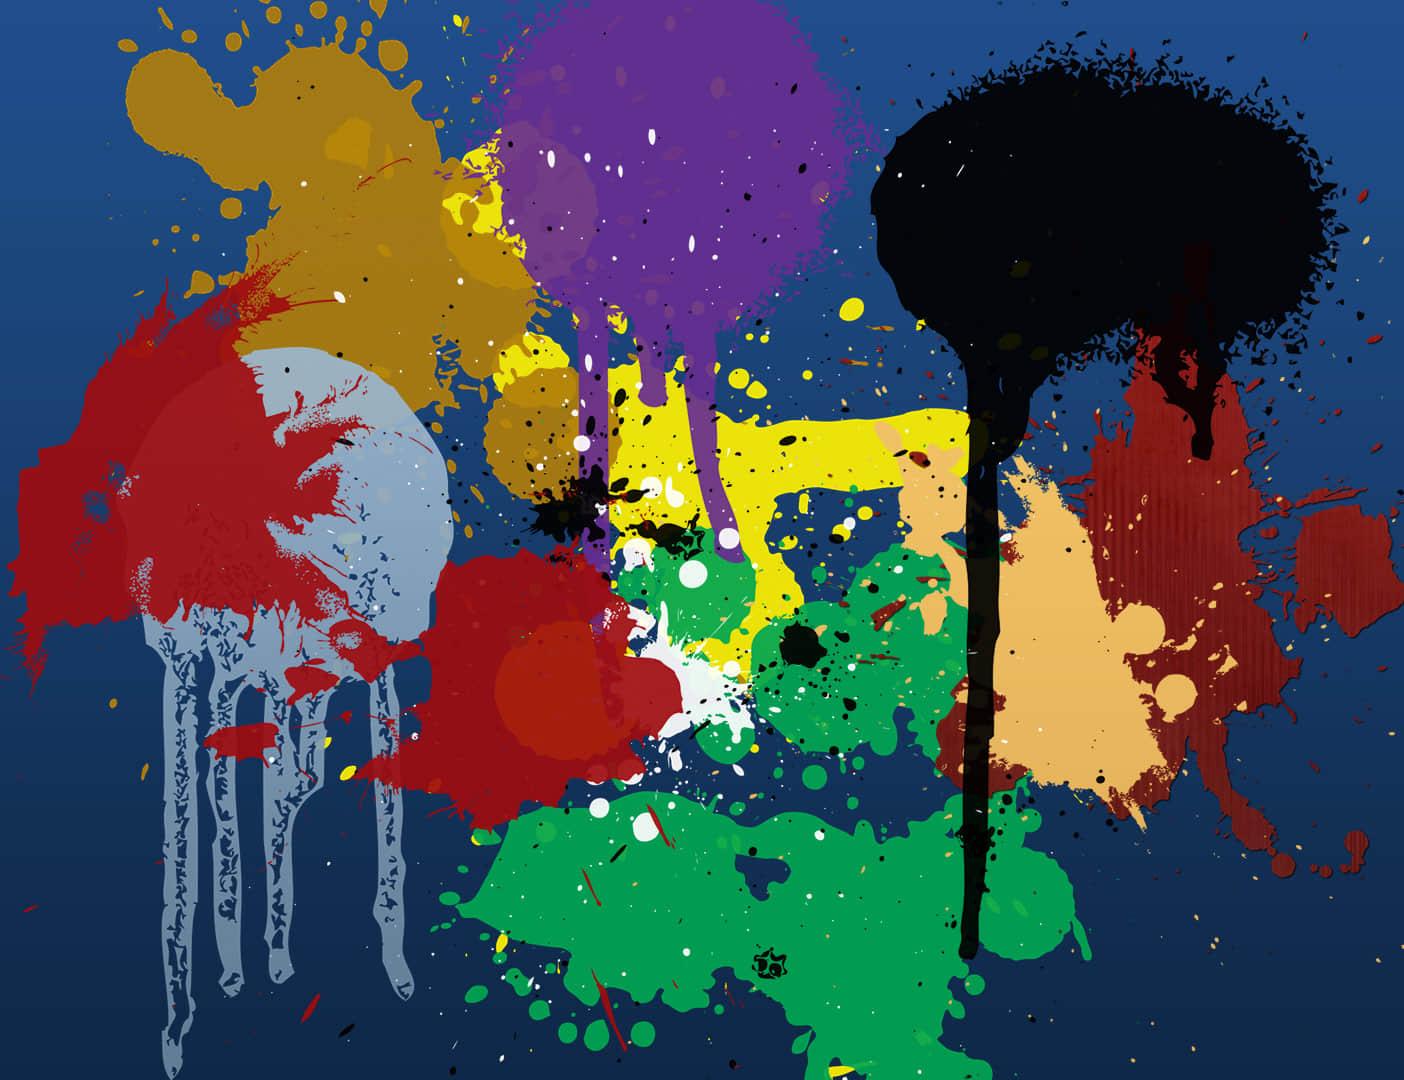 油漆滴溅、喷洒效果PS笔刷下载 滴溅笔刷 喷漆笔刷 喷溅笔刷  %e6%b2%b9%e6%bc%86%e7%ac%94%e5%88%b7